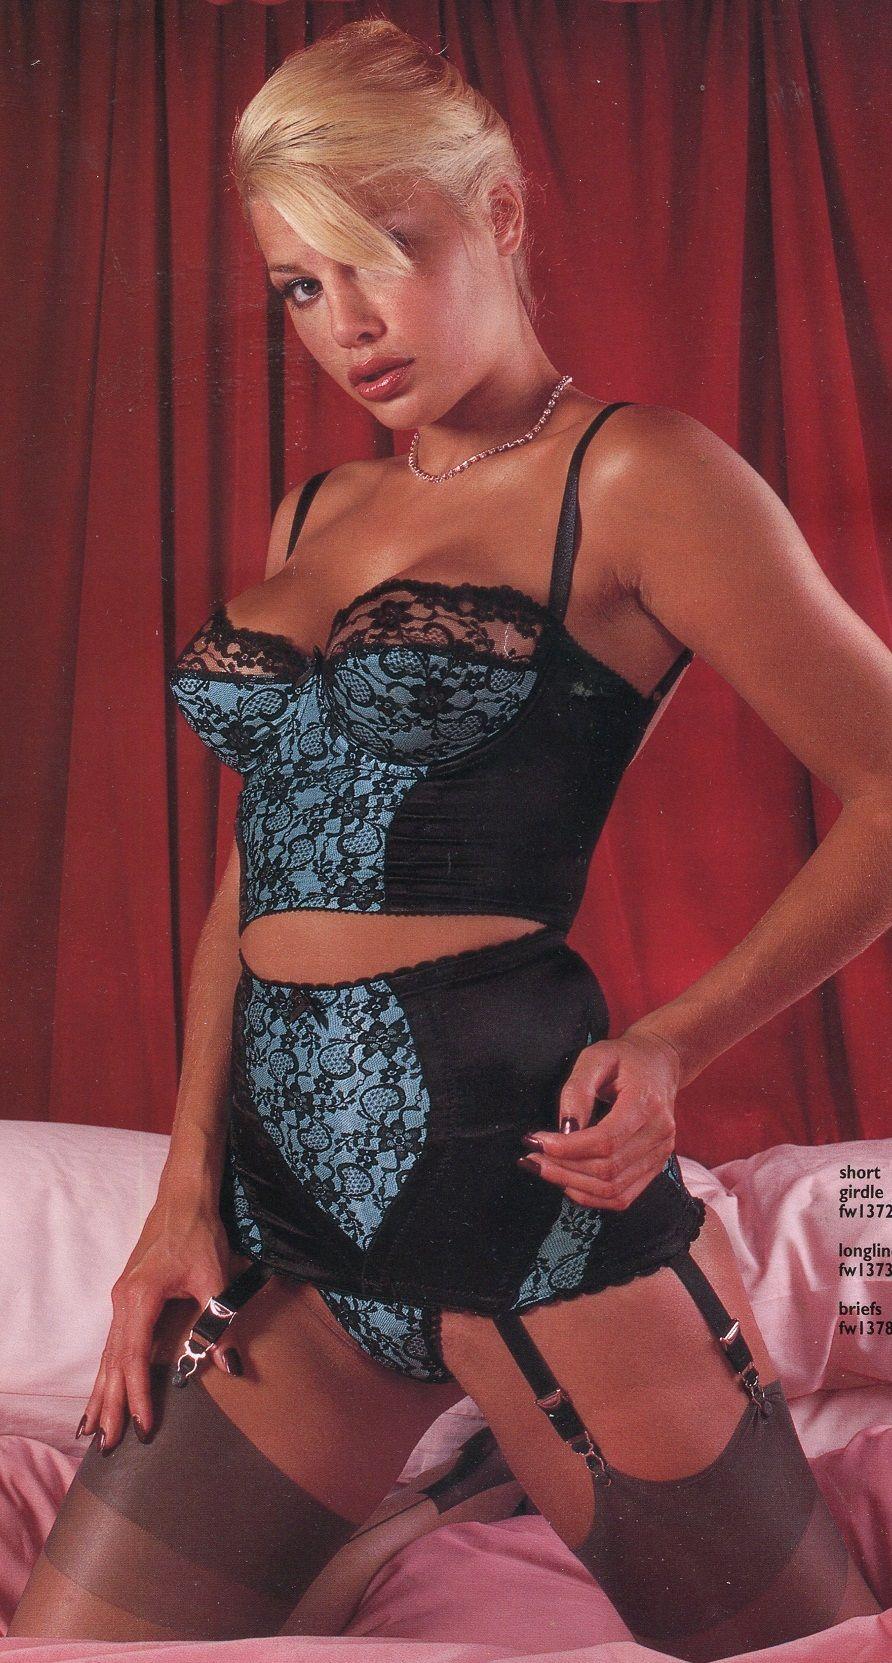 classic lingerie collection | bbw fashion | pinterest | lingerie